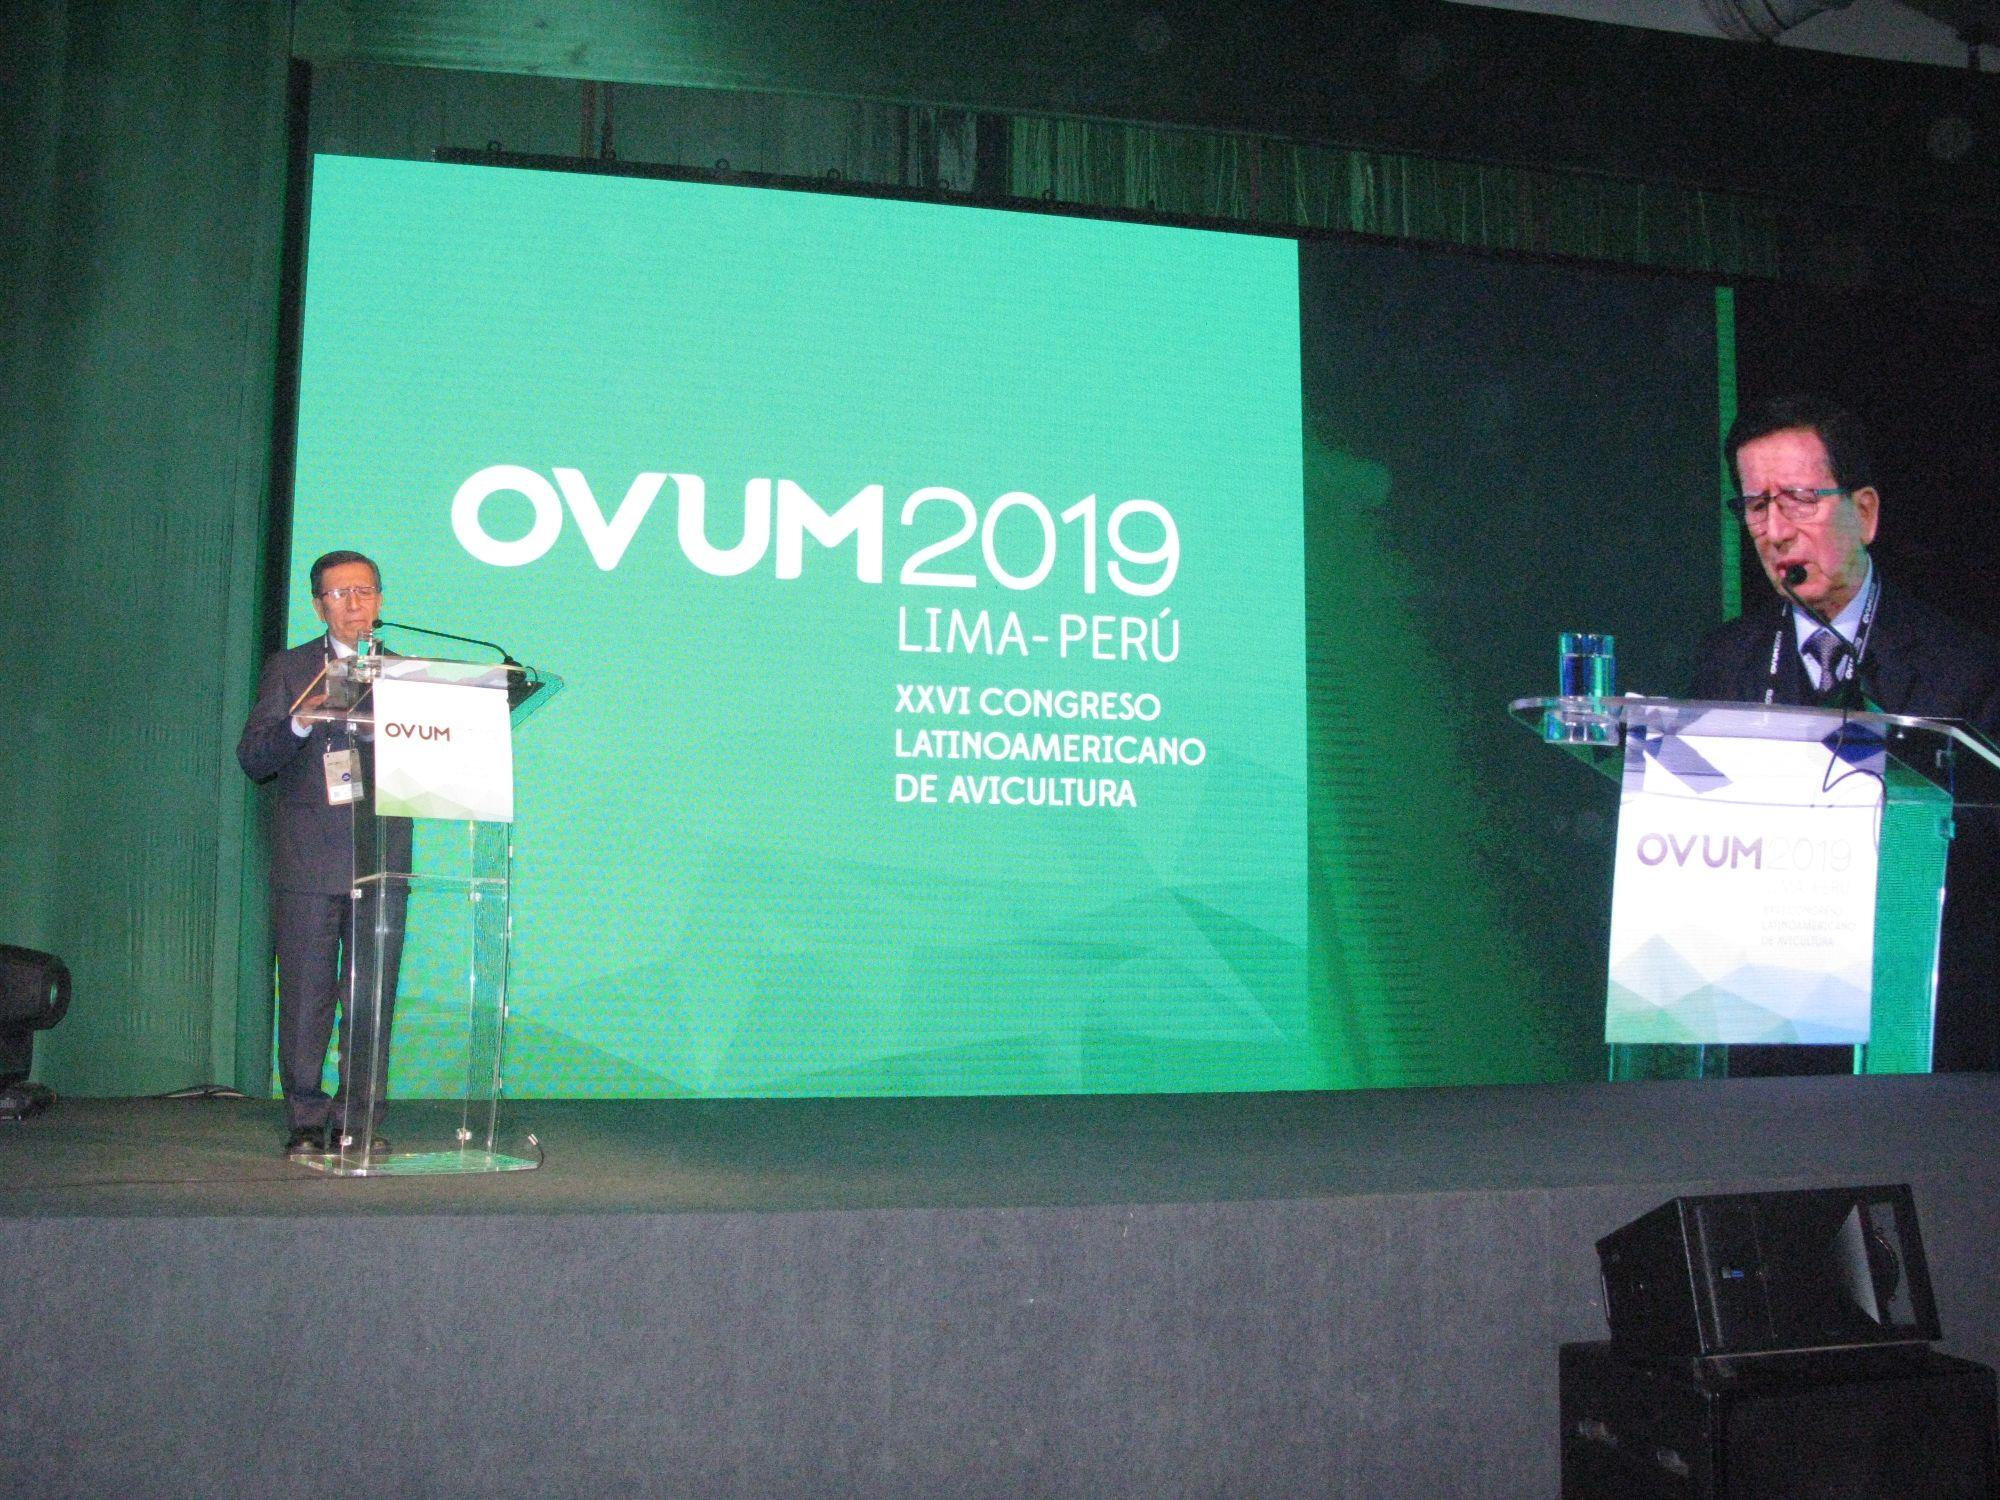 Confira como foi o segundo dia do Ovum 2019, Confira como foi o segundo dia do Ovum 2019